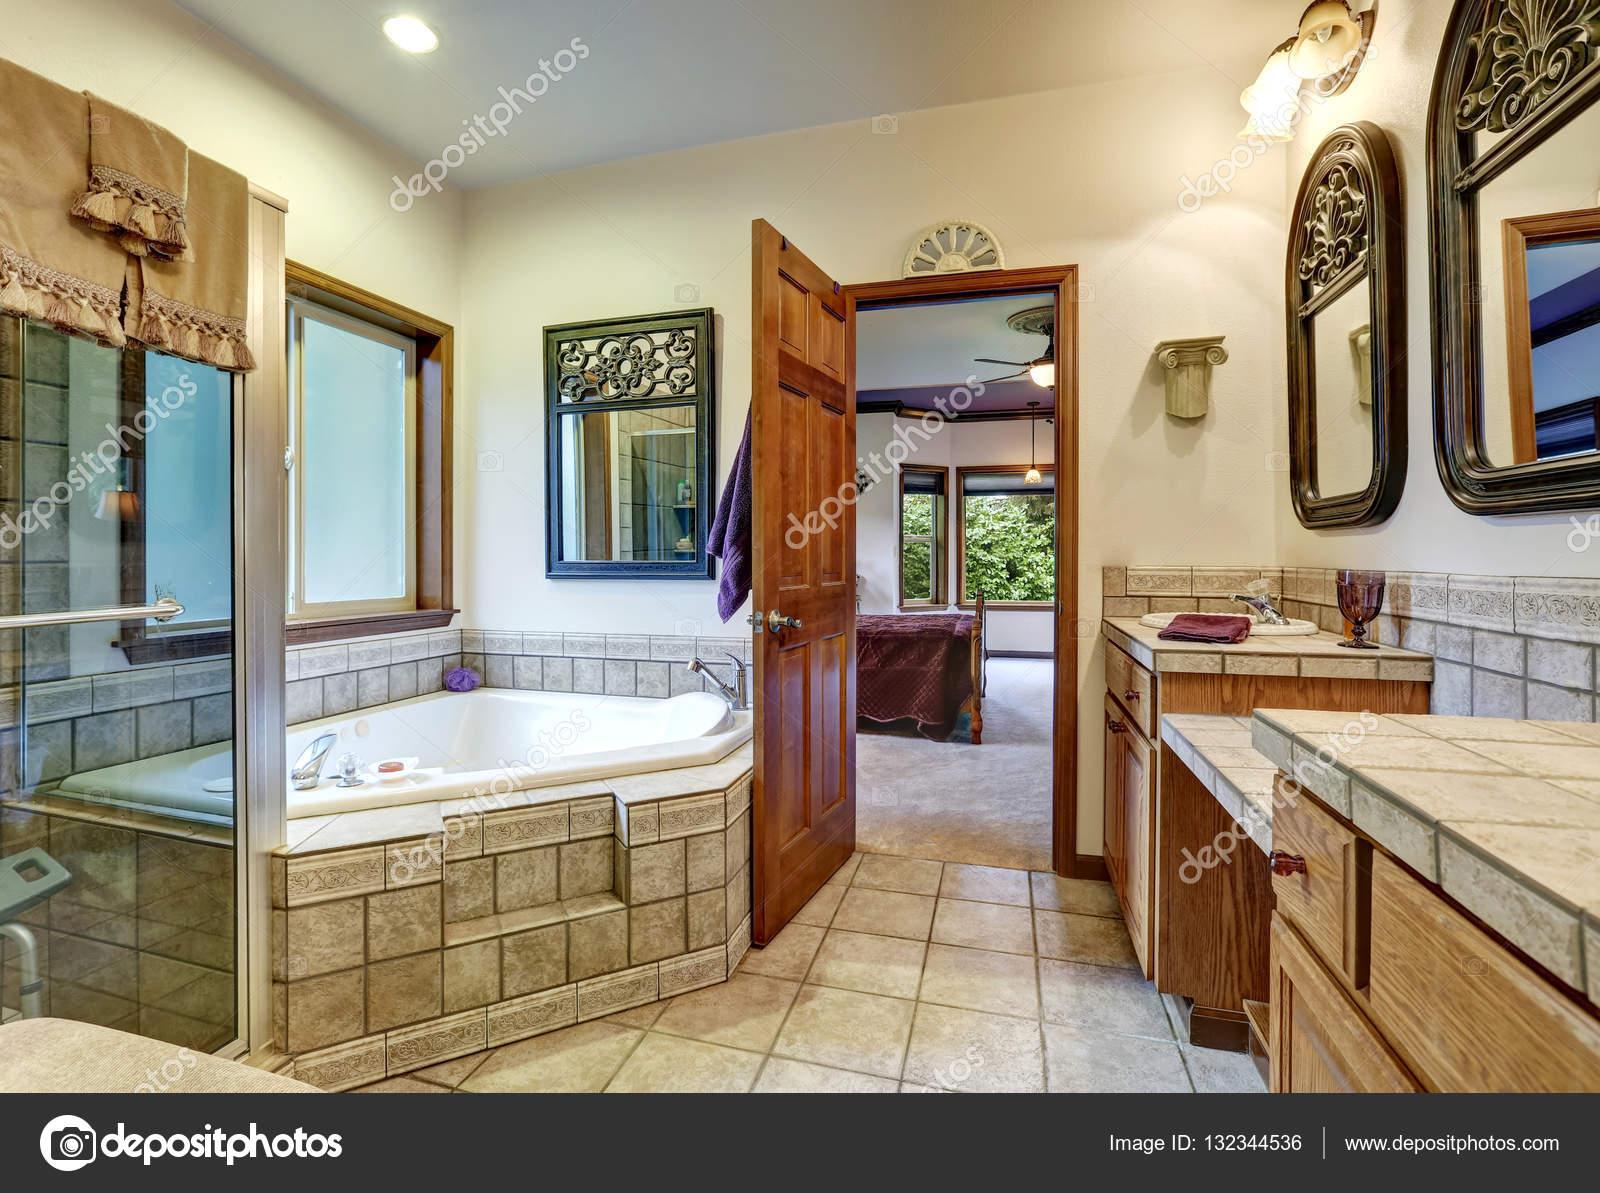 Jack Und Jill Bad Mit Zwei Waschbecken Und Whirlpool Badewanne